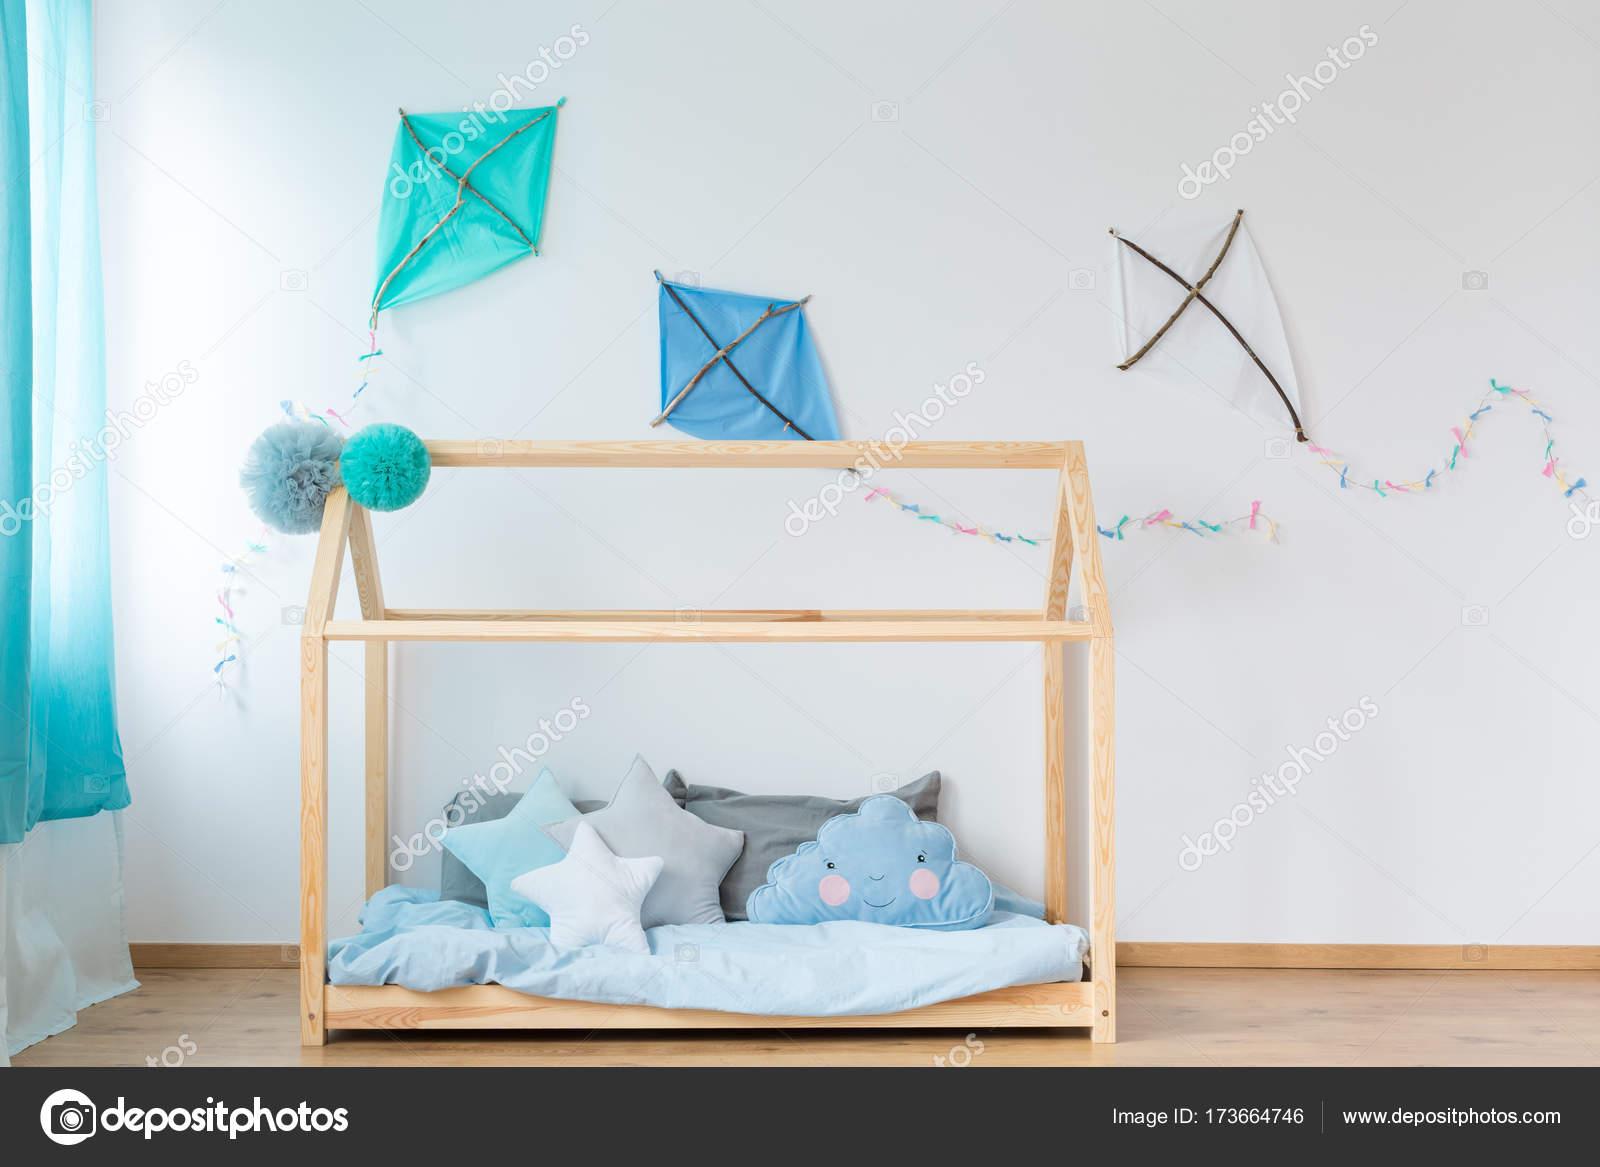 Handgefertigte Bett mit blauen Bettwäsche — Stockfoto © photographee ...